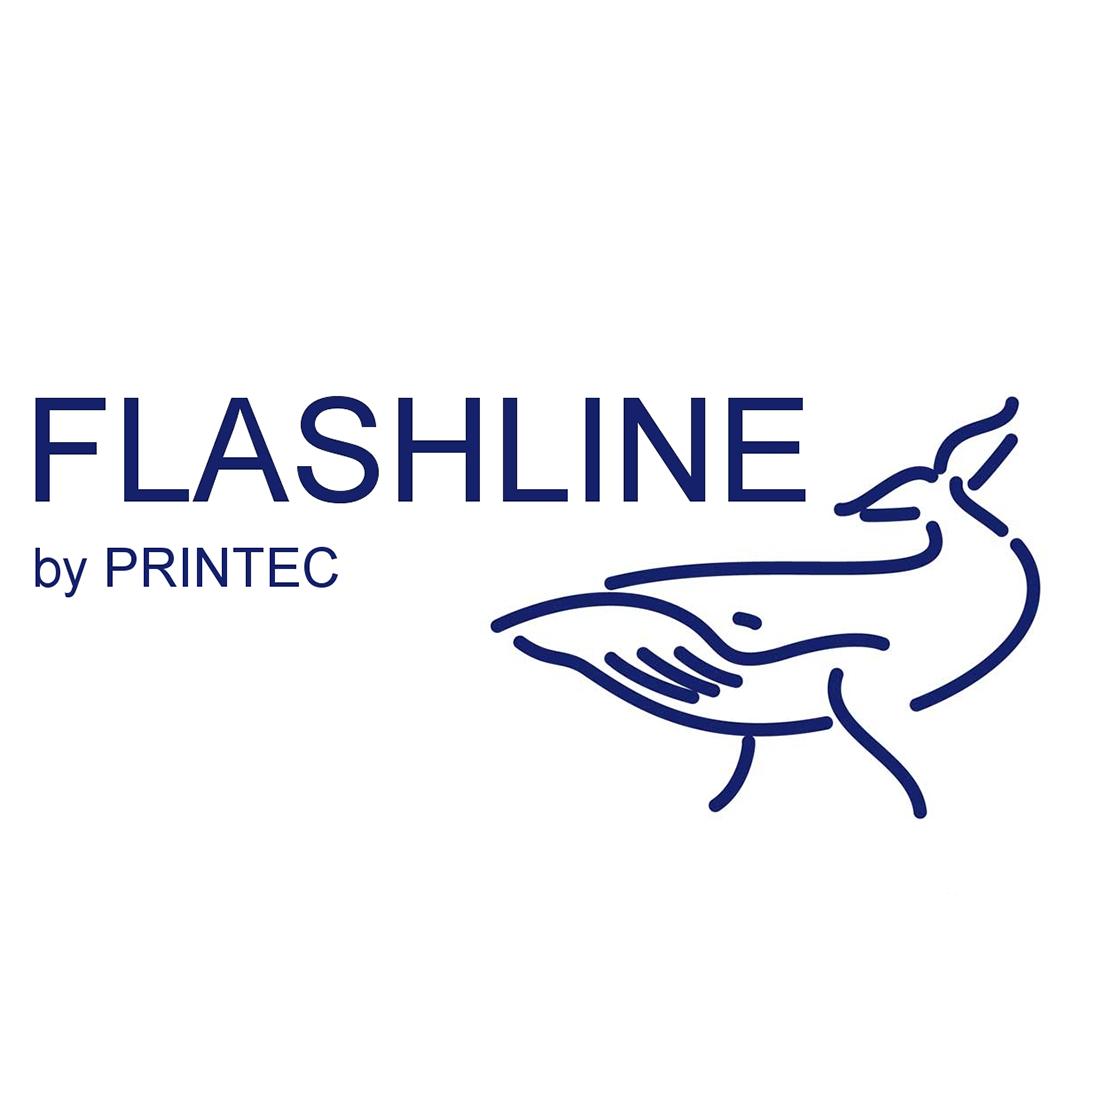 Flashline